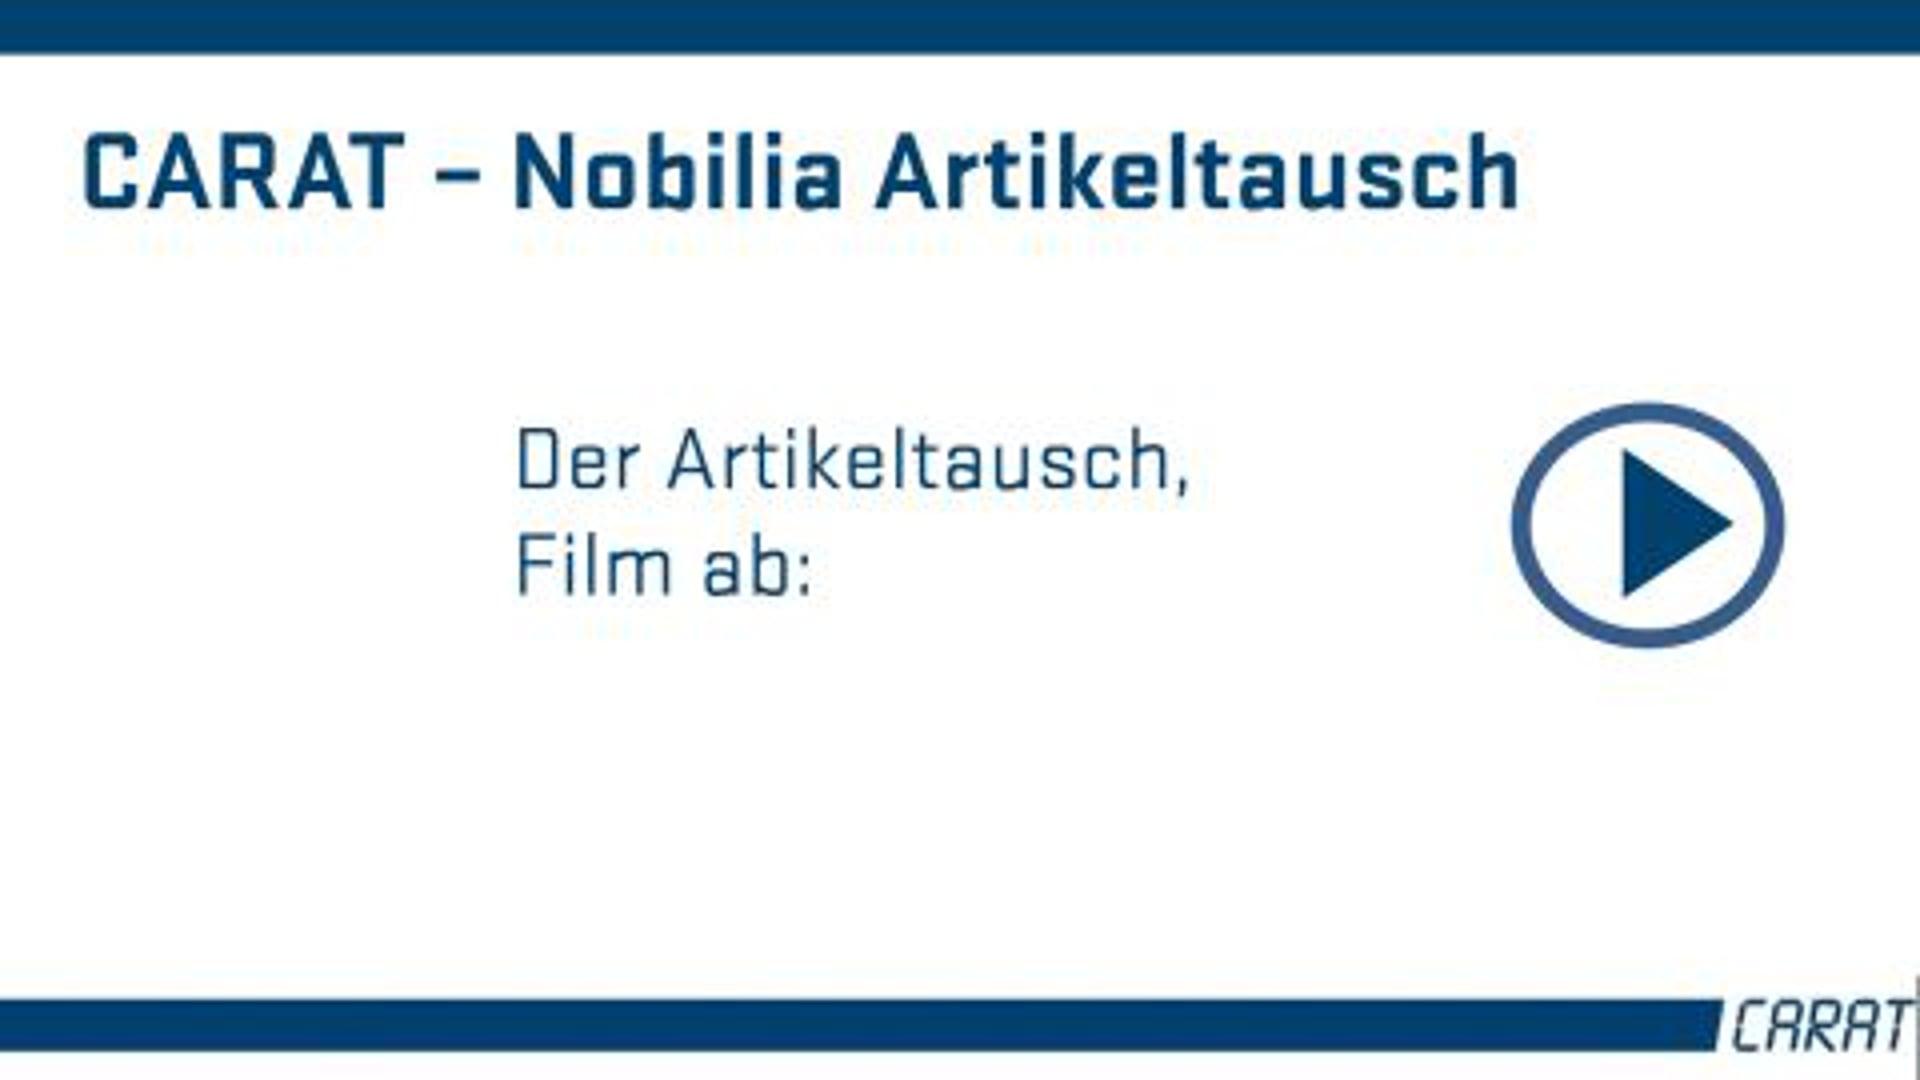 Nobilia Artikeltausch XL Höhe